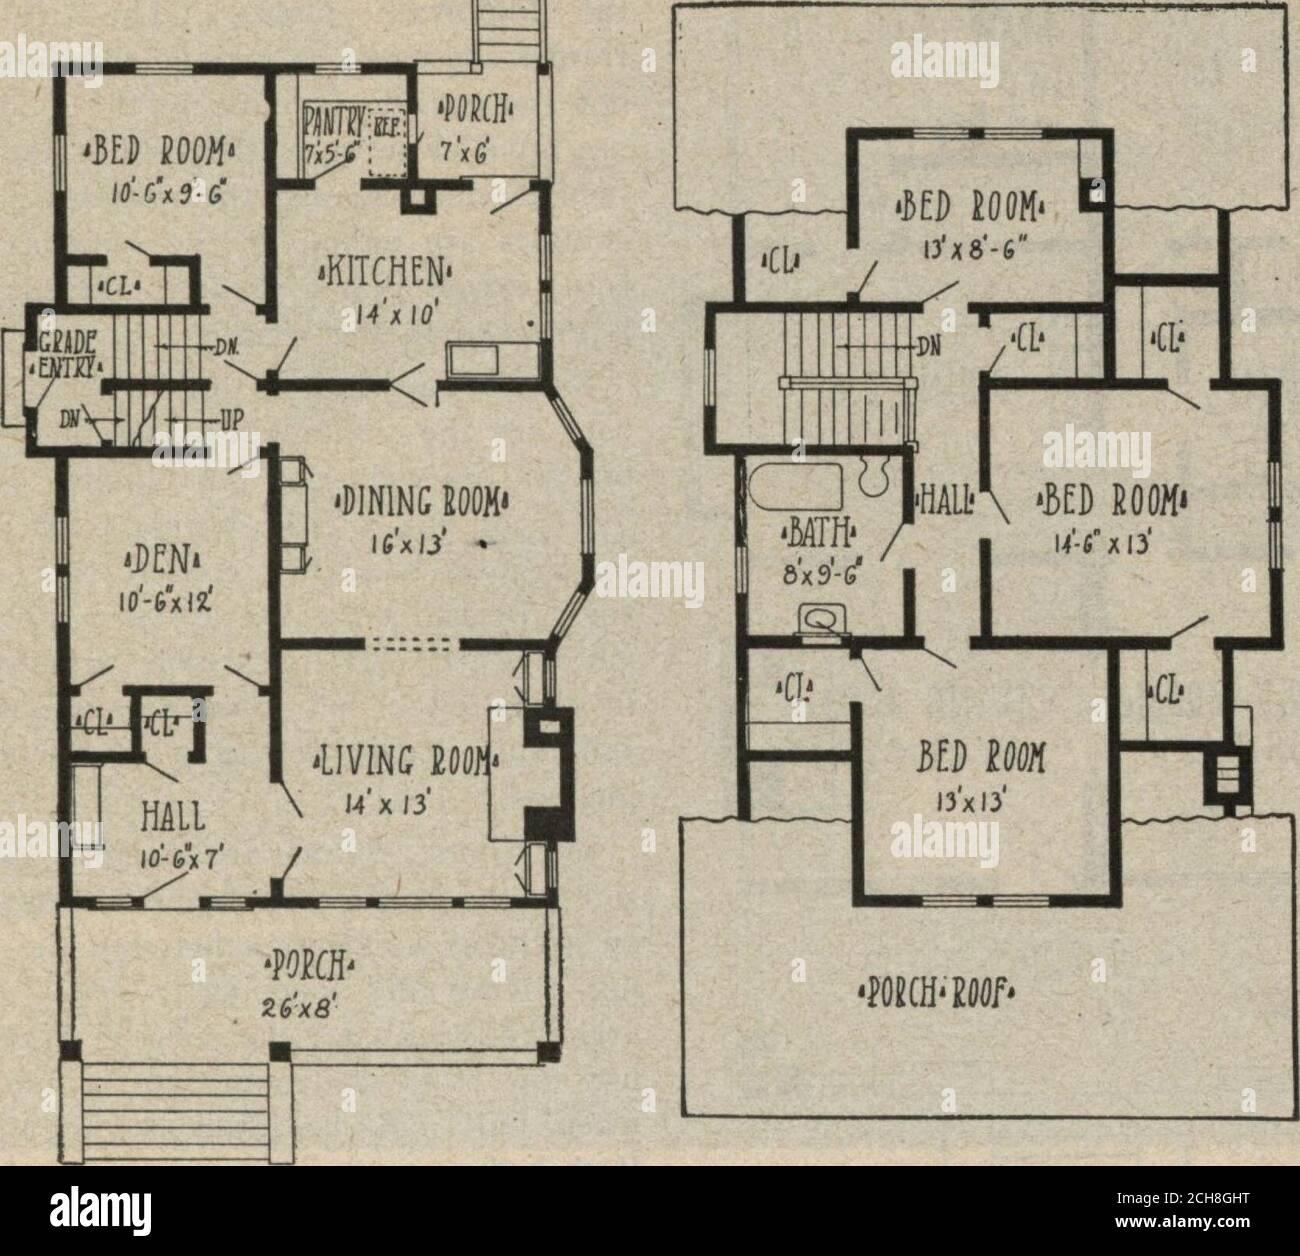 Plan De Maison 3 Idees Pour Construire Une